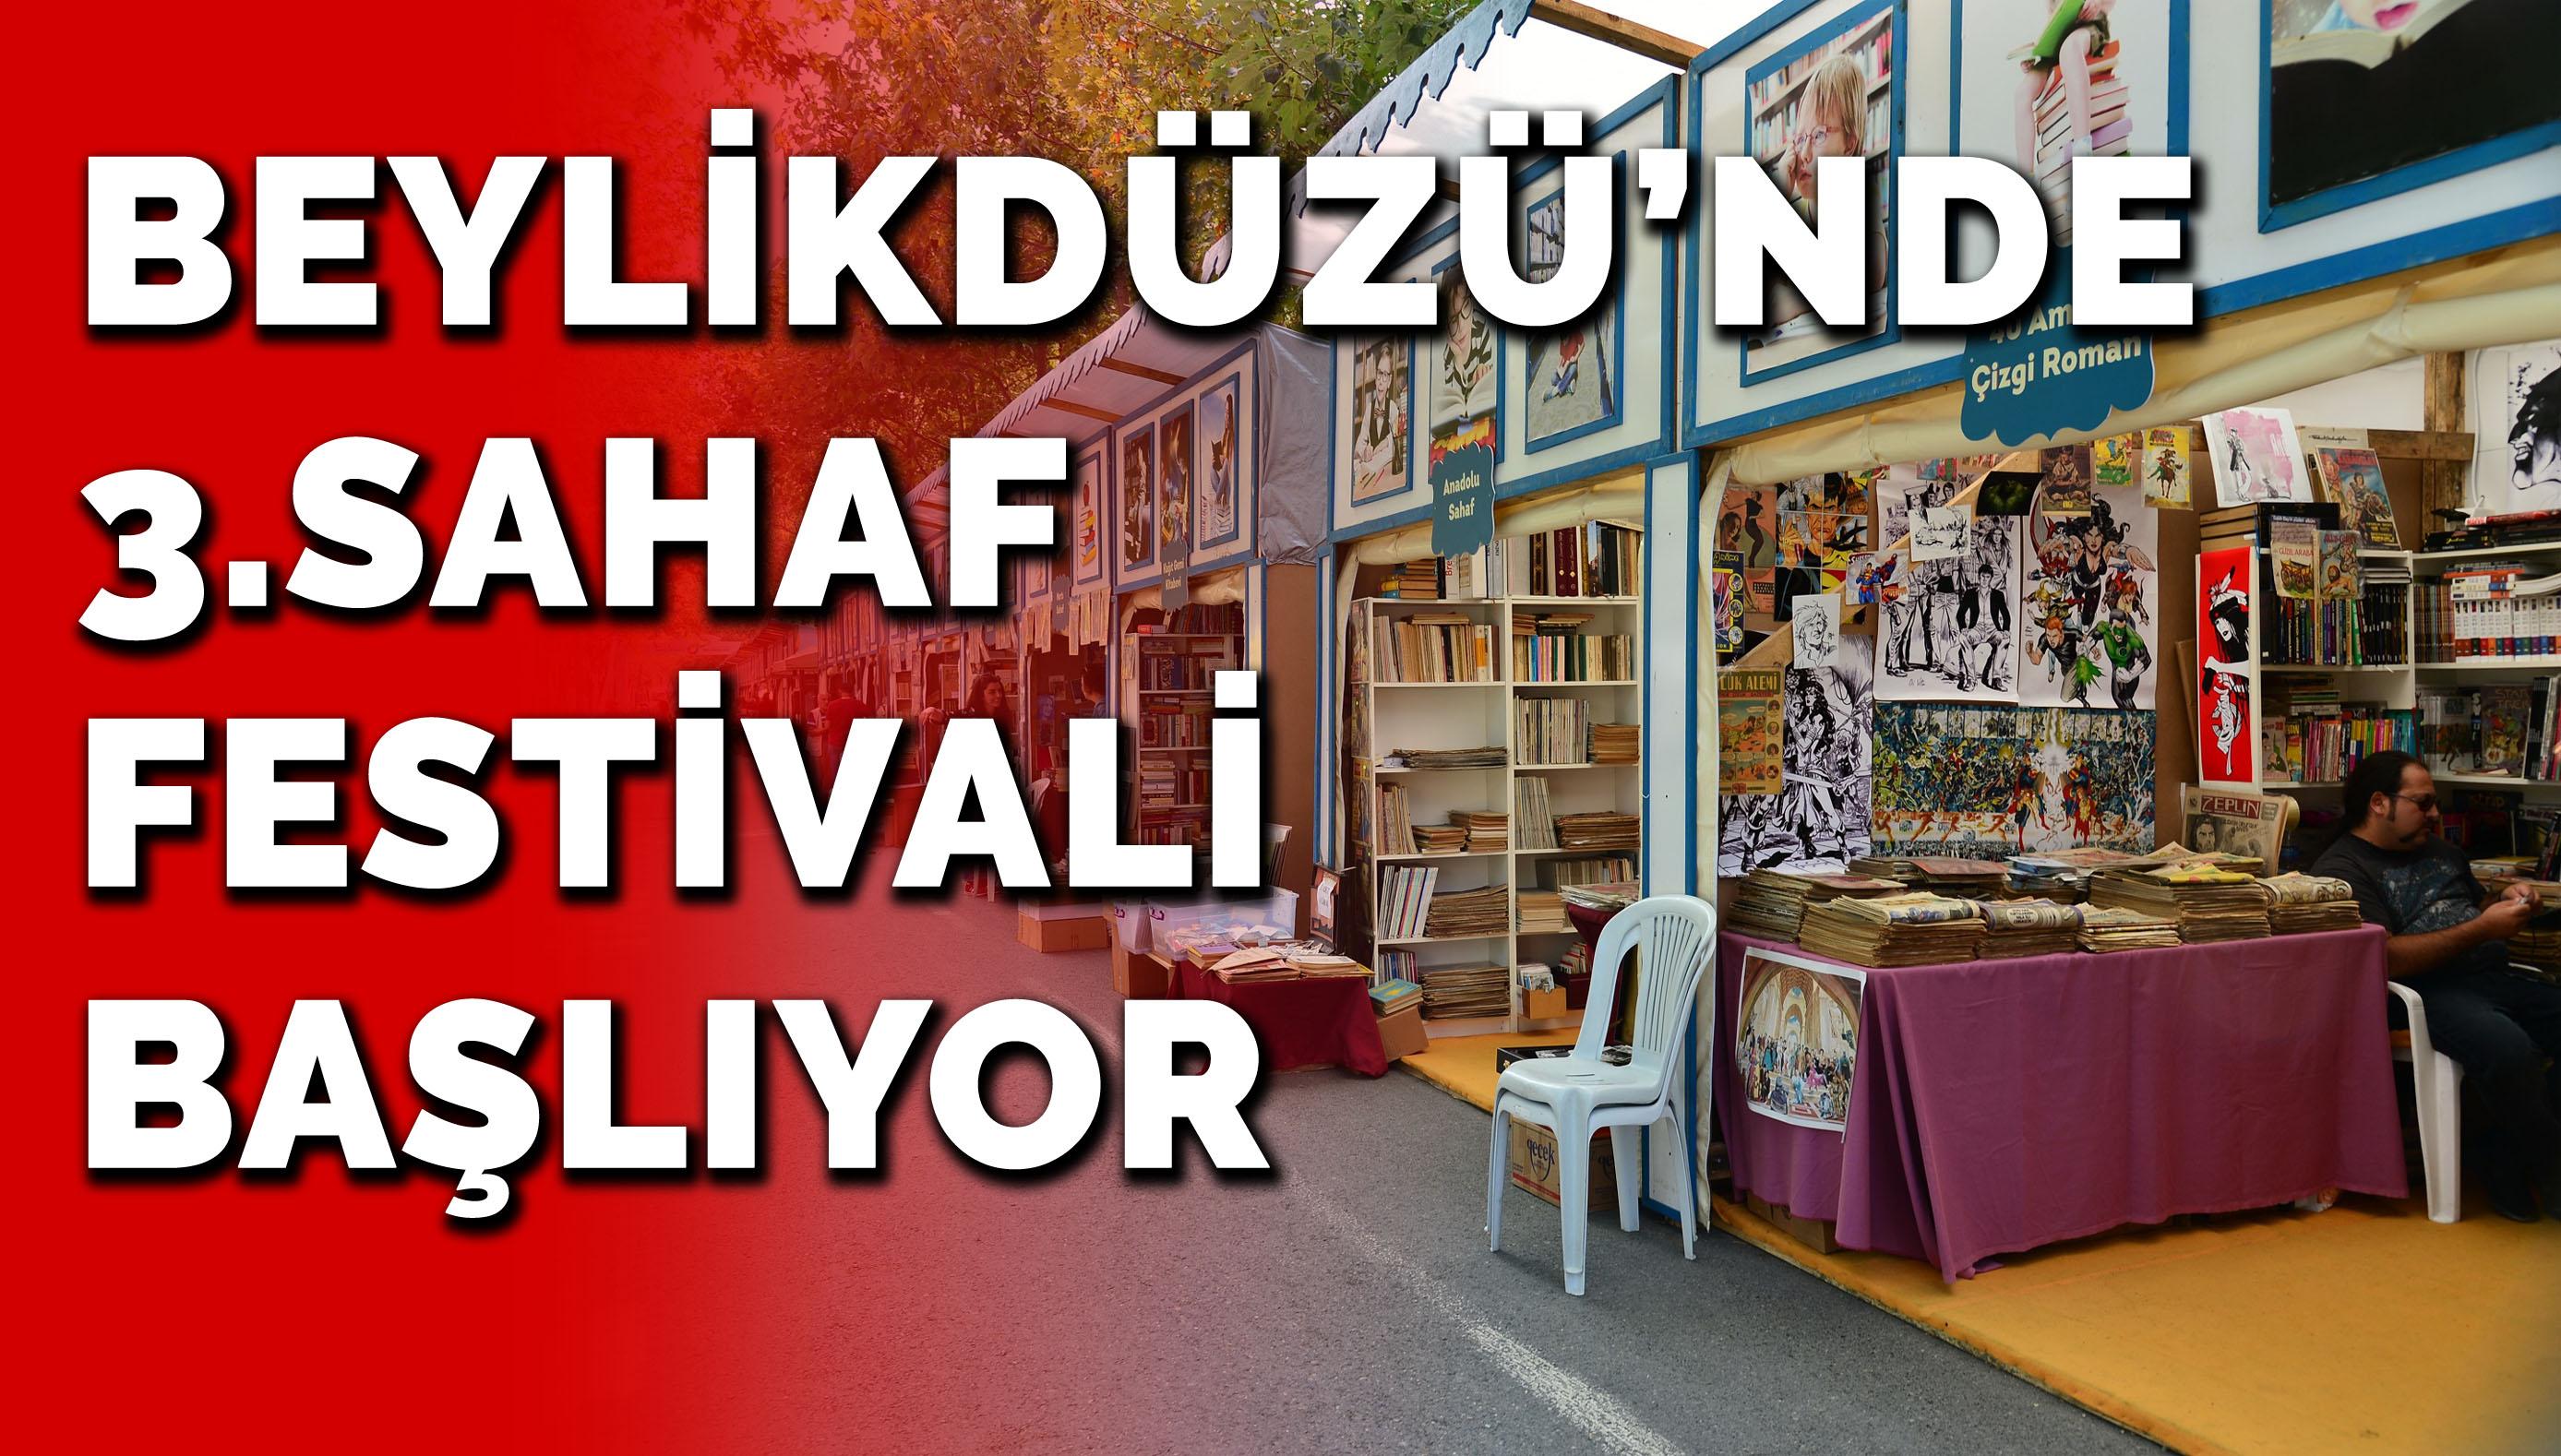 BEYLİKDÜZÜ'NDE 3.SAHAF FESTİVALİ BAŞLIYOR